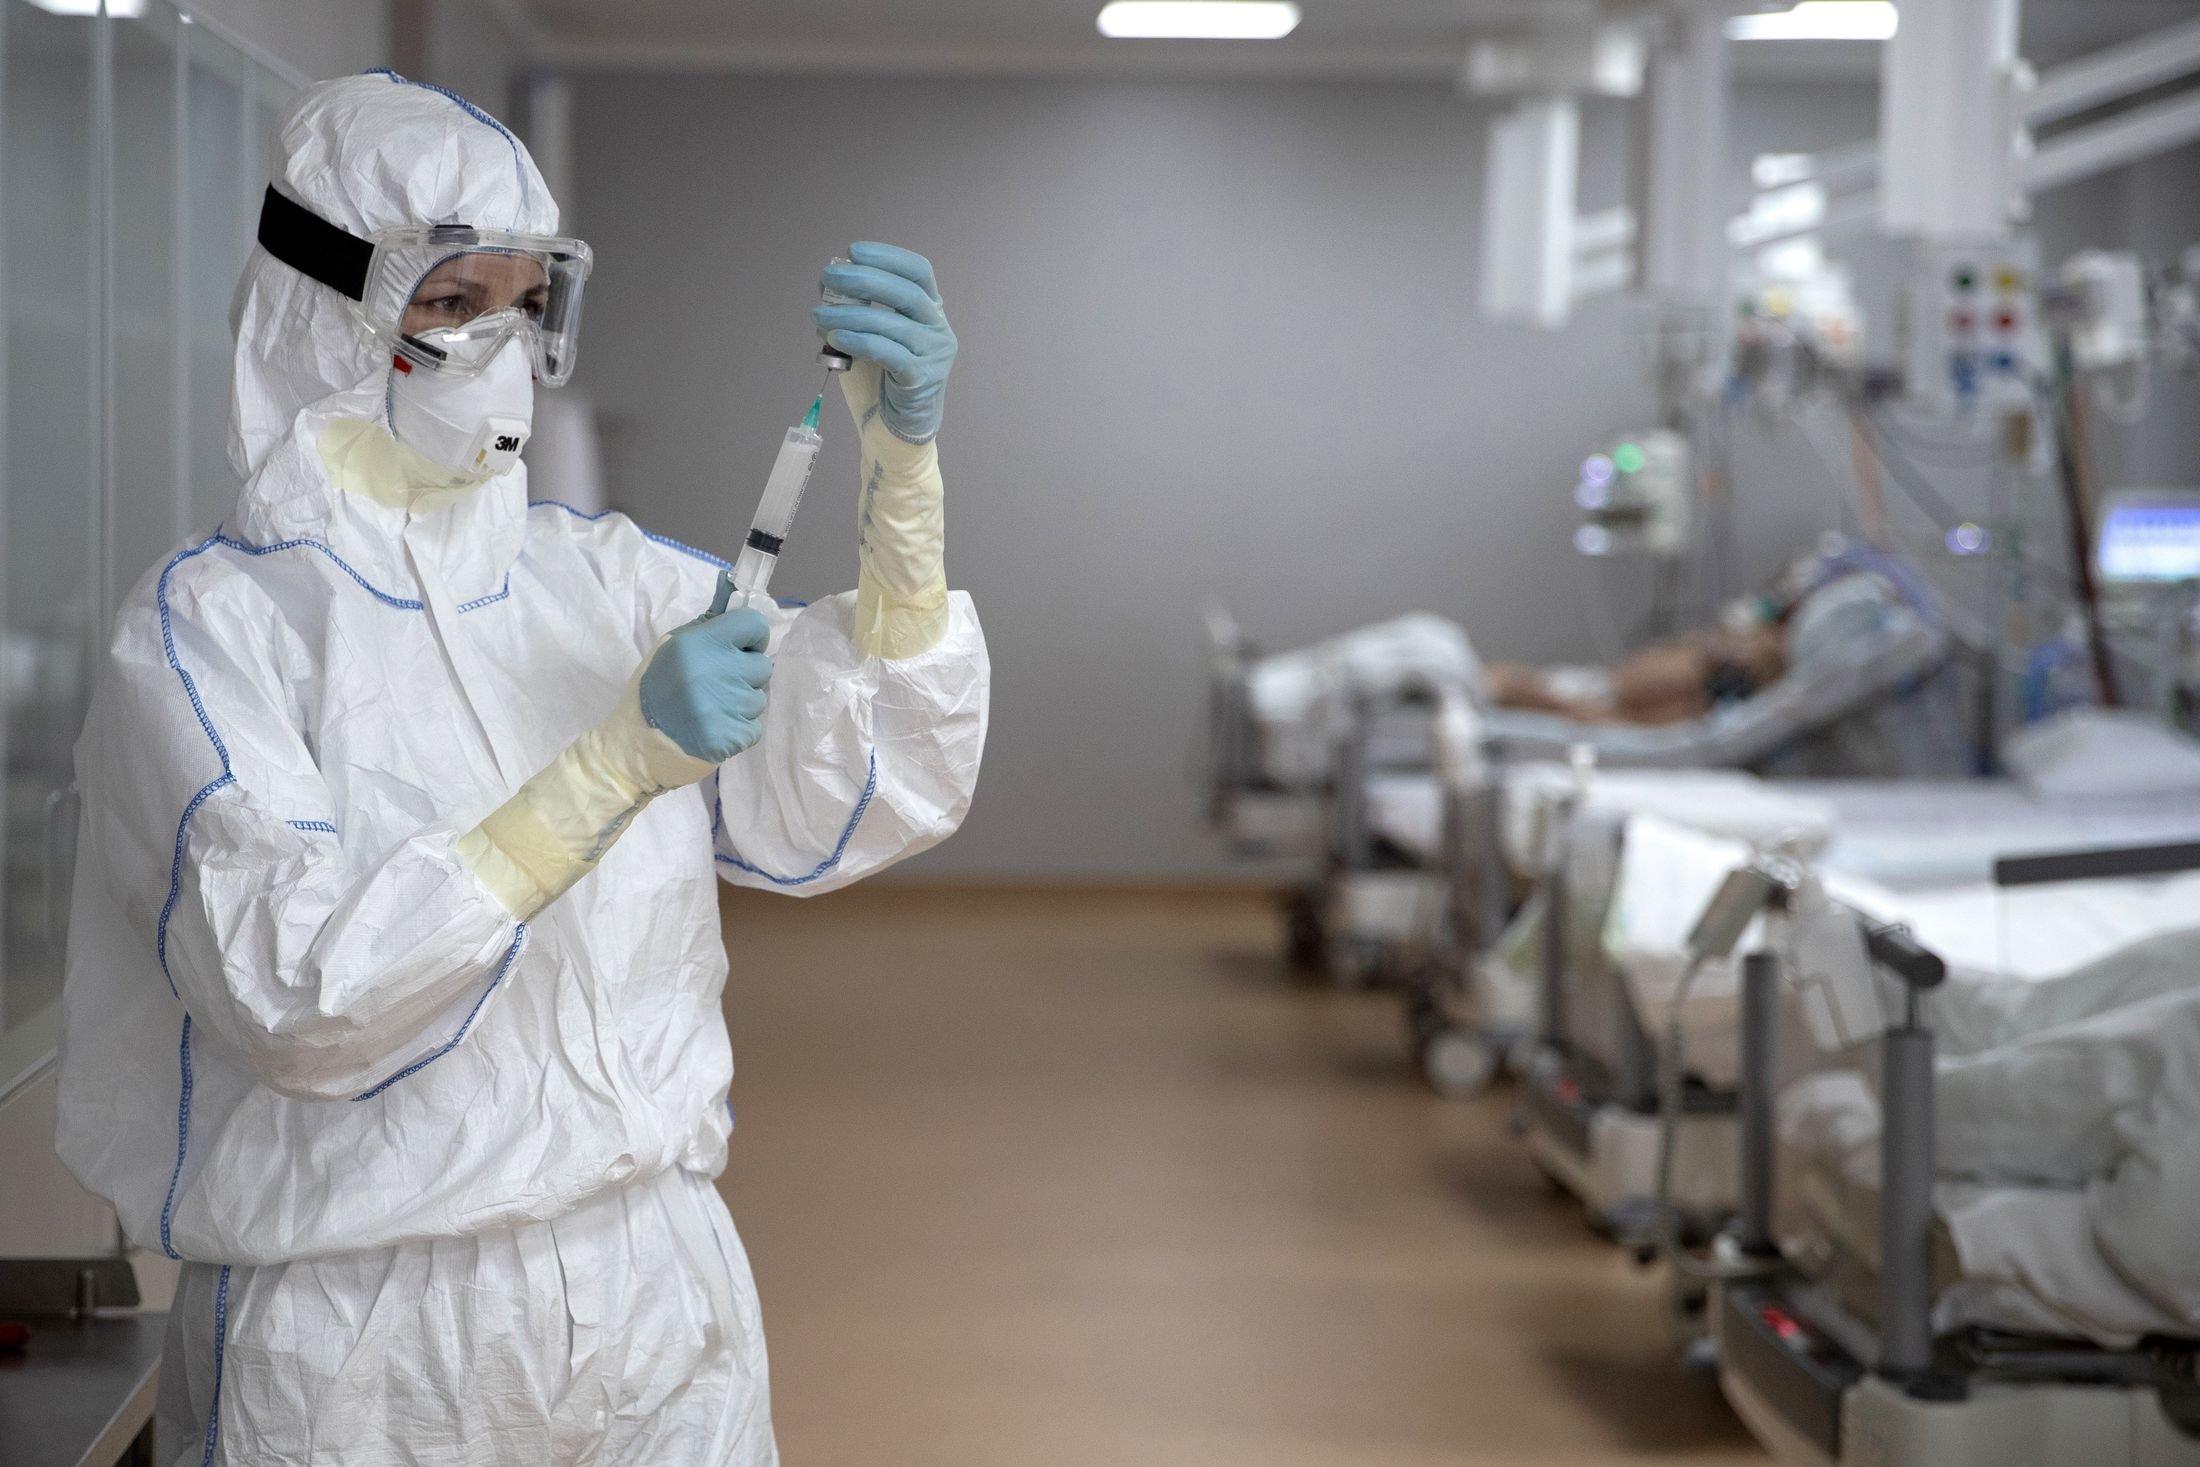 Упродовж минулої доби виявлено 96 випадків COVID-19. Про це інформують у департаменті охорони здоров'я Закарпатської ОДА.